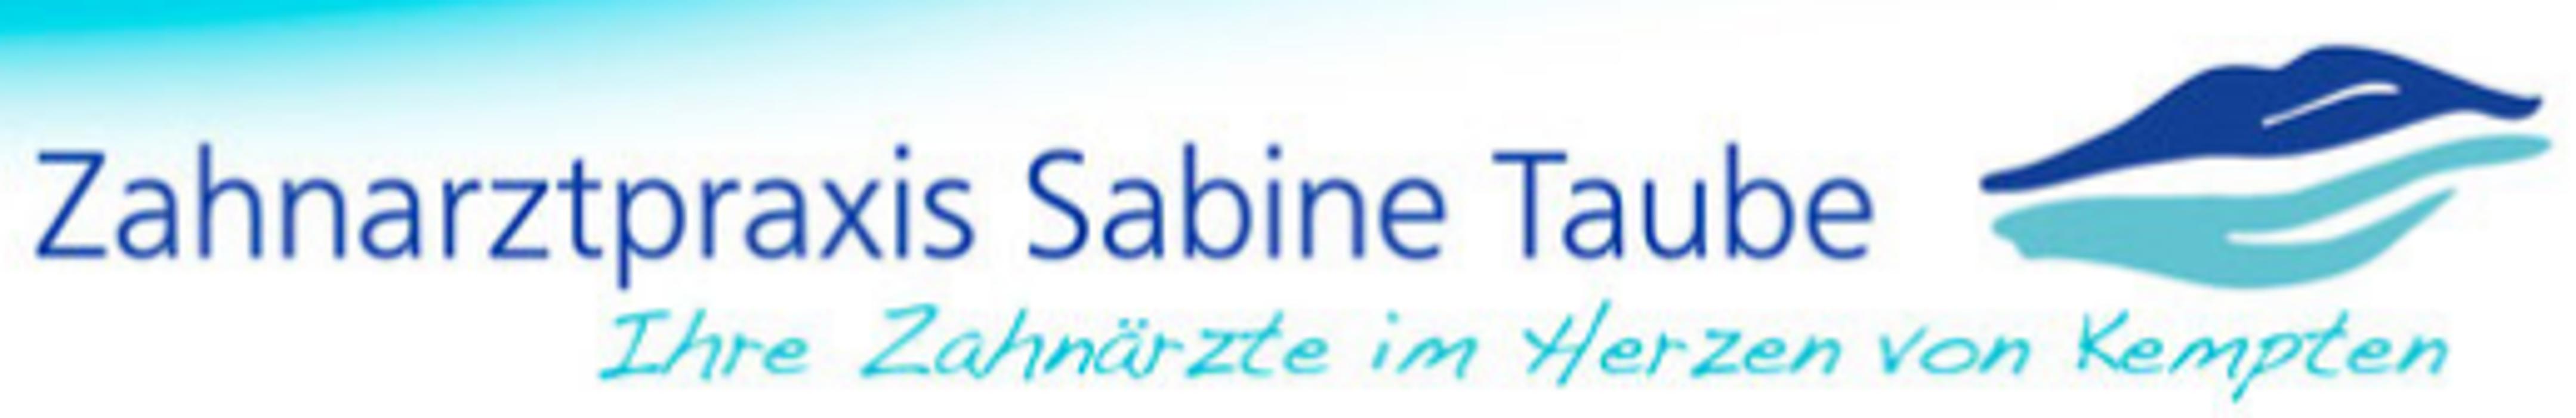 Bild zu Zahnarztpraxis Sabine Taube in Kempten im Allgäu